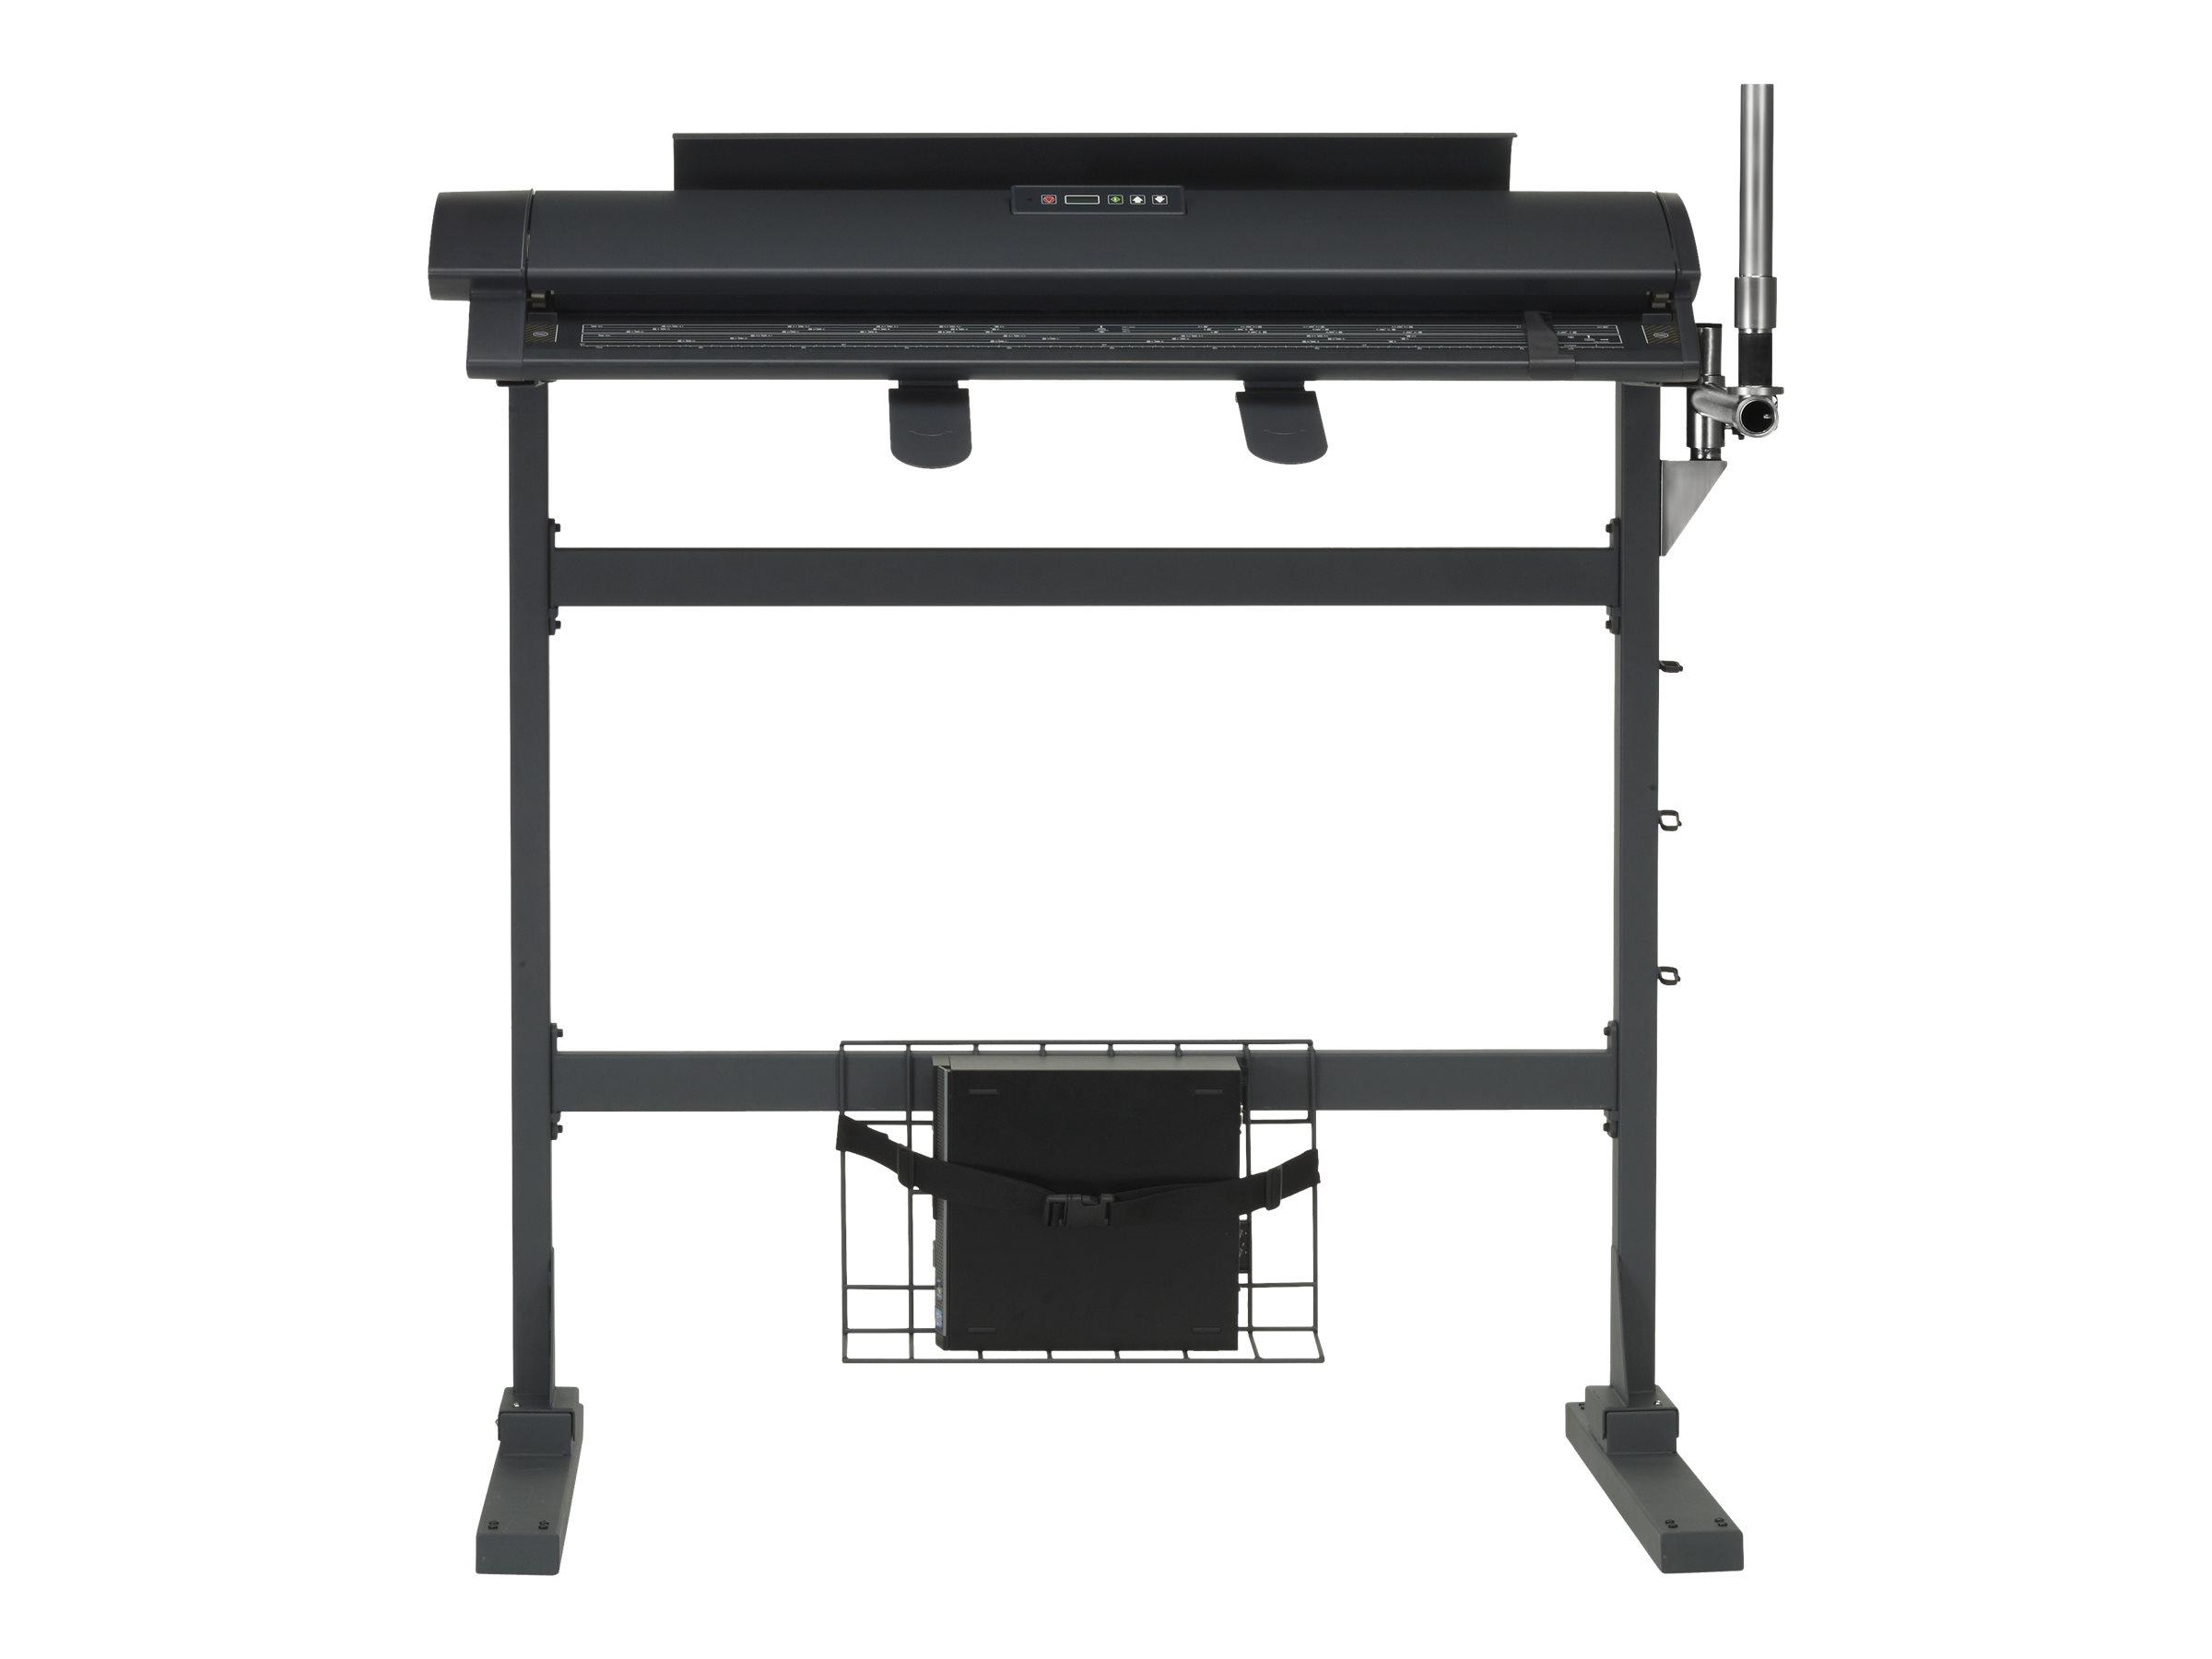 Colortrac M40 - Rollen-Scanner - Rolle 106,7 cm - 1200 dpi - mit All-in-One PC Display - für imagePROGRAF iPF670